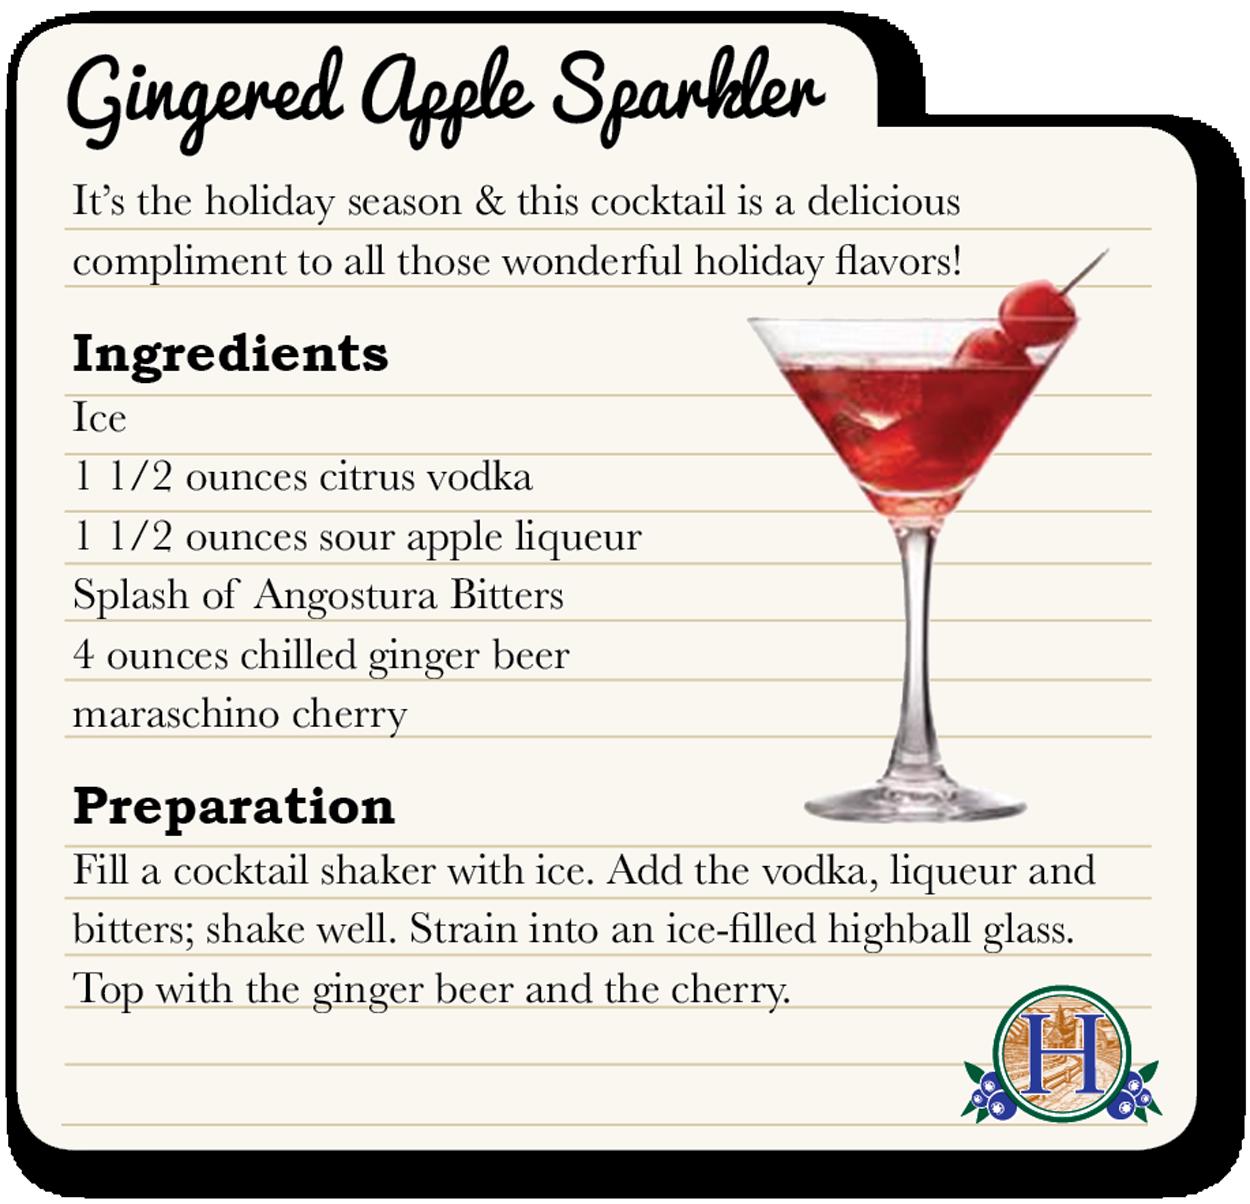 Gingered-Apple-Sparkler.png